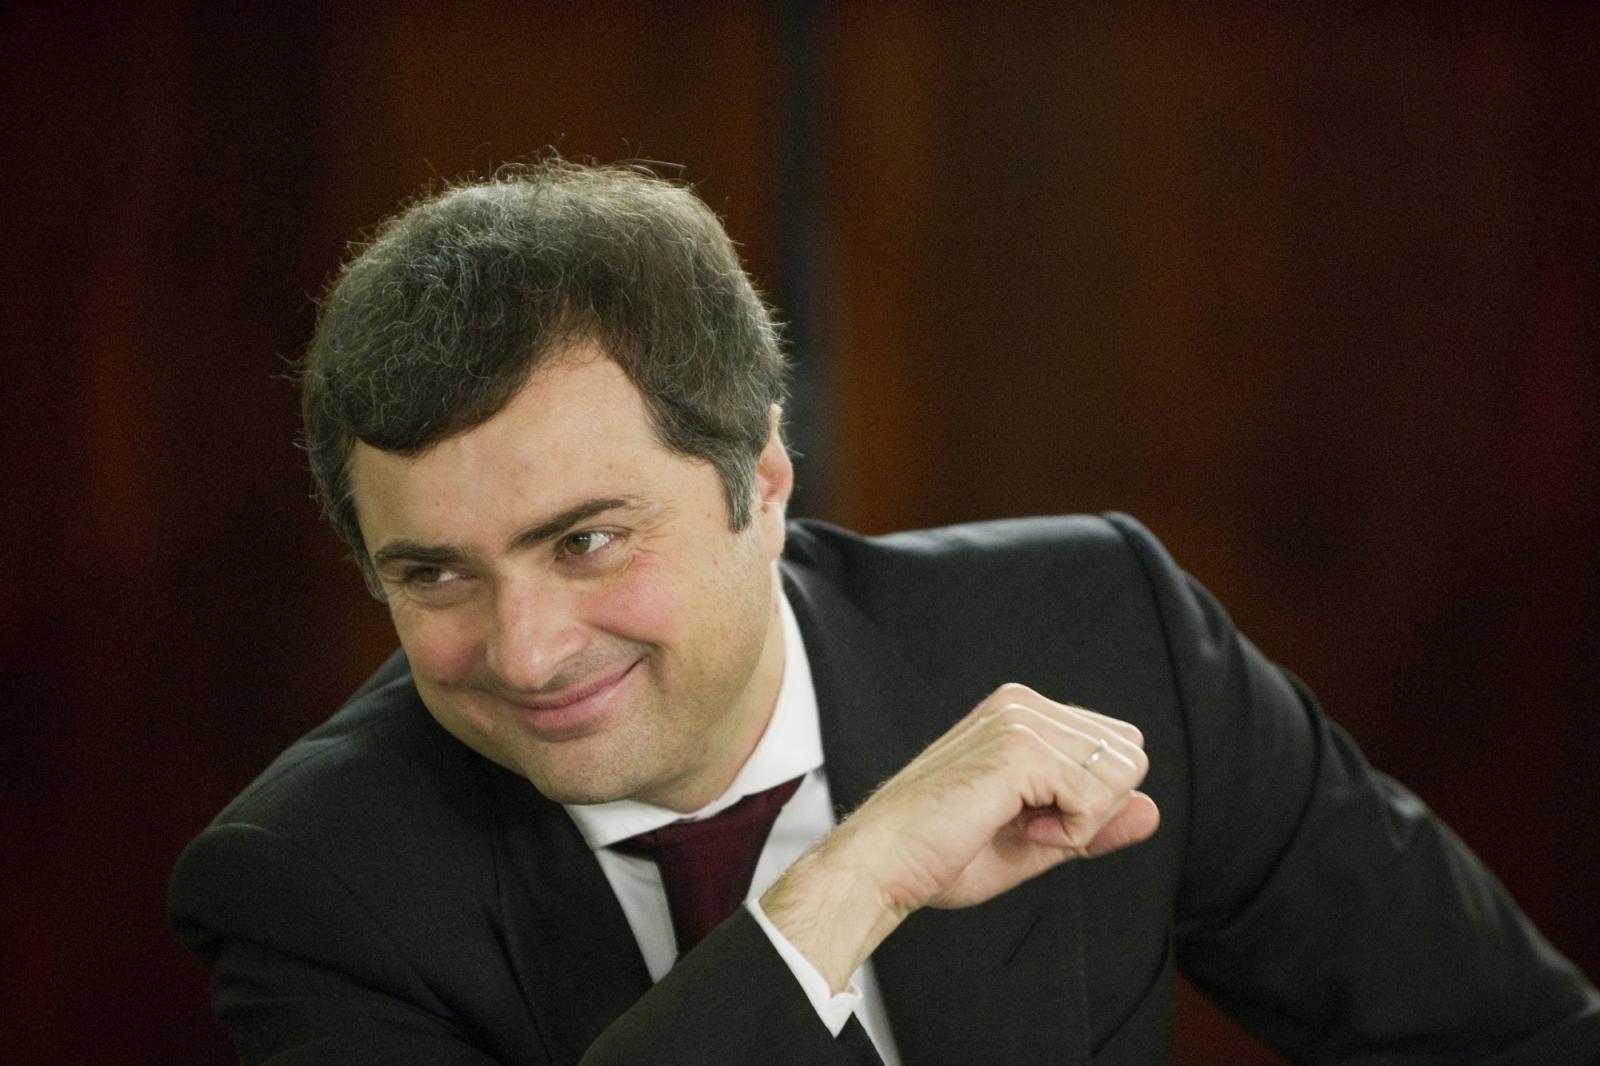 Сурков рассказал, что путинизм — это идеология будущего